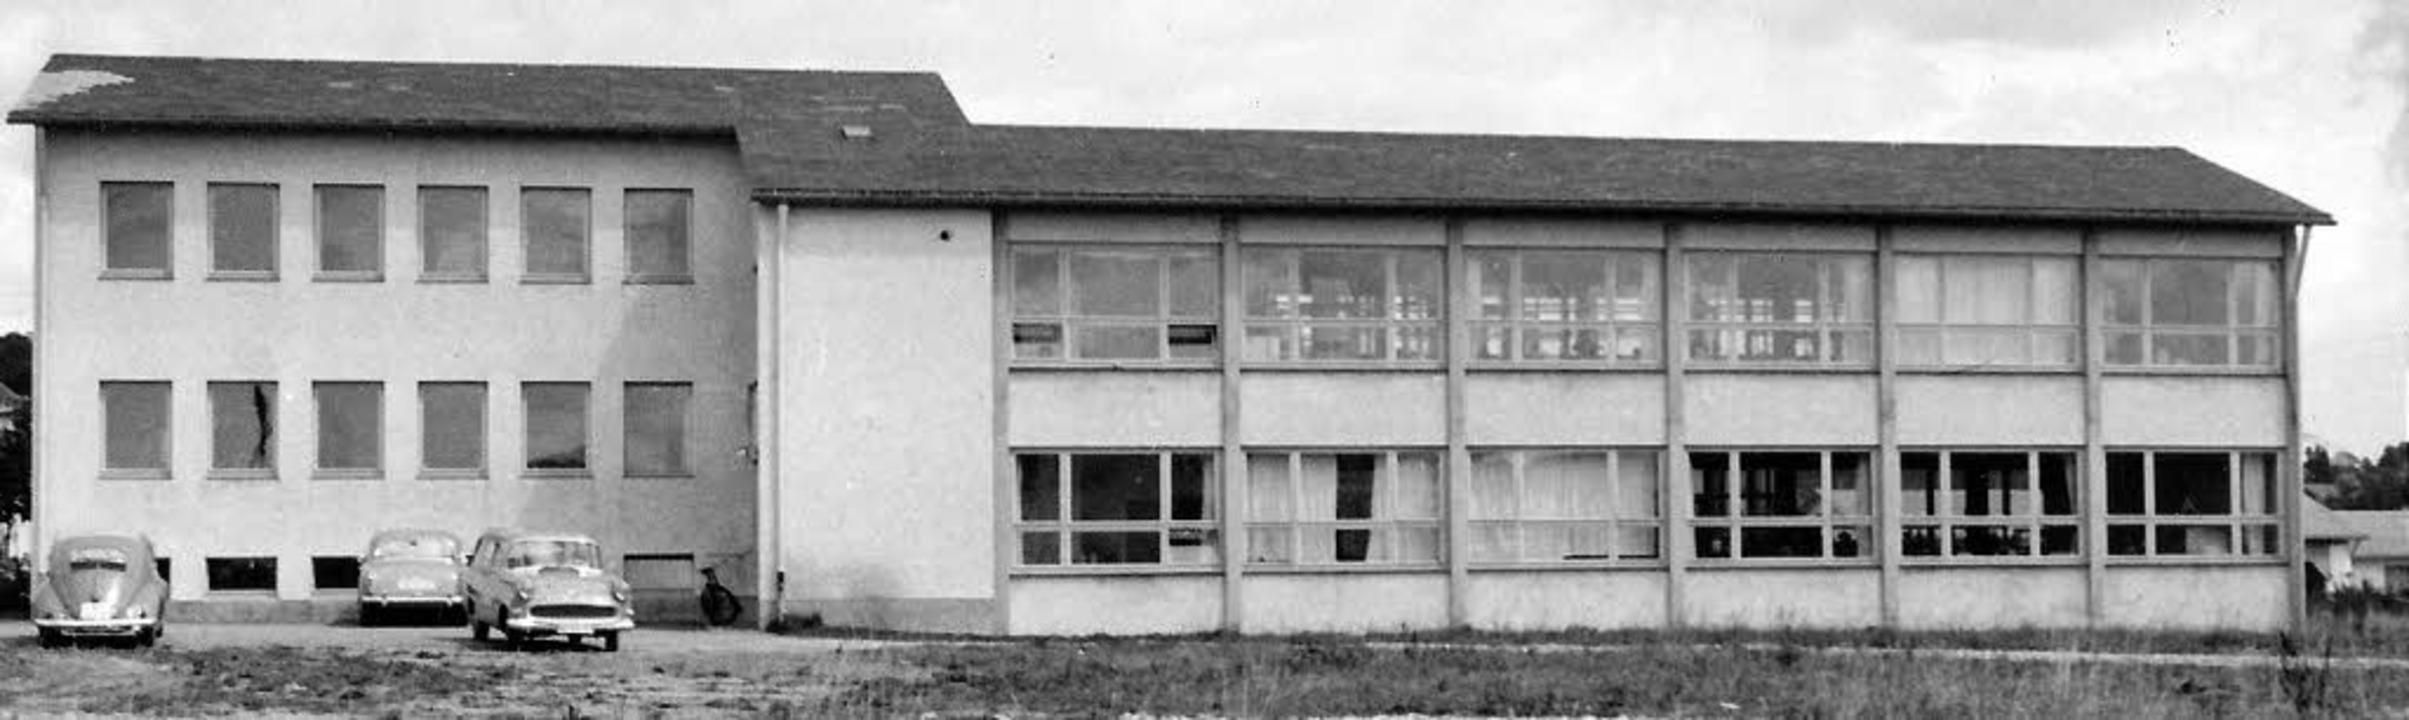 Der erste Bauabschnitt des Betriebs- u...hme dürfte aus dem Jahr  1956 stammen.  | Foto: Privat